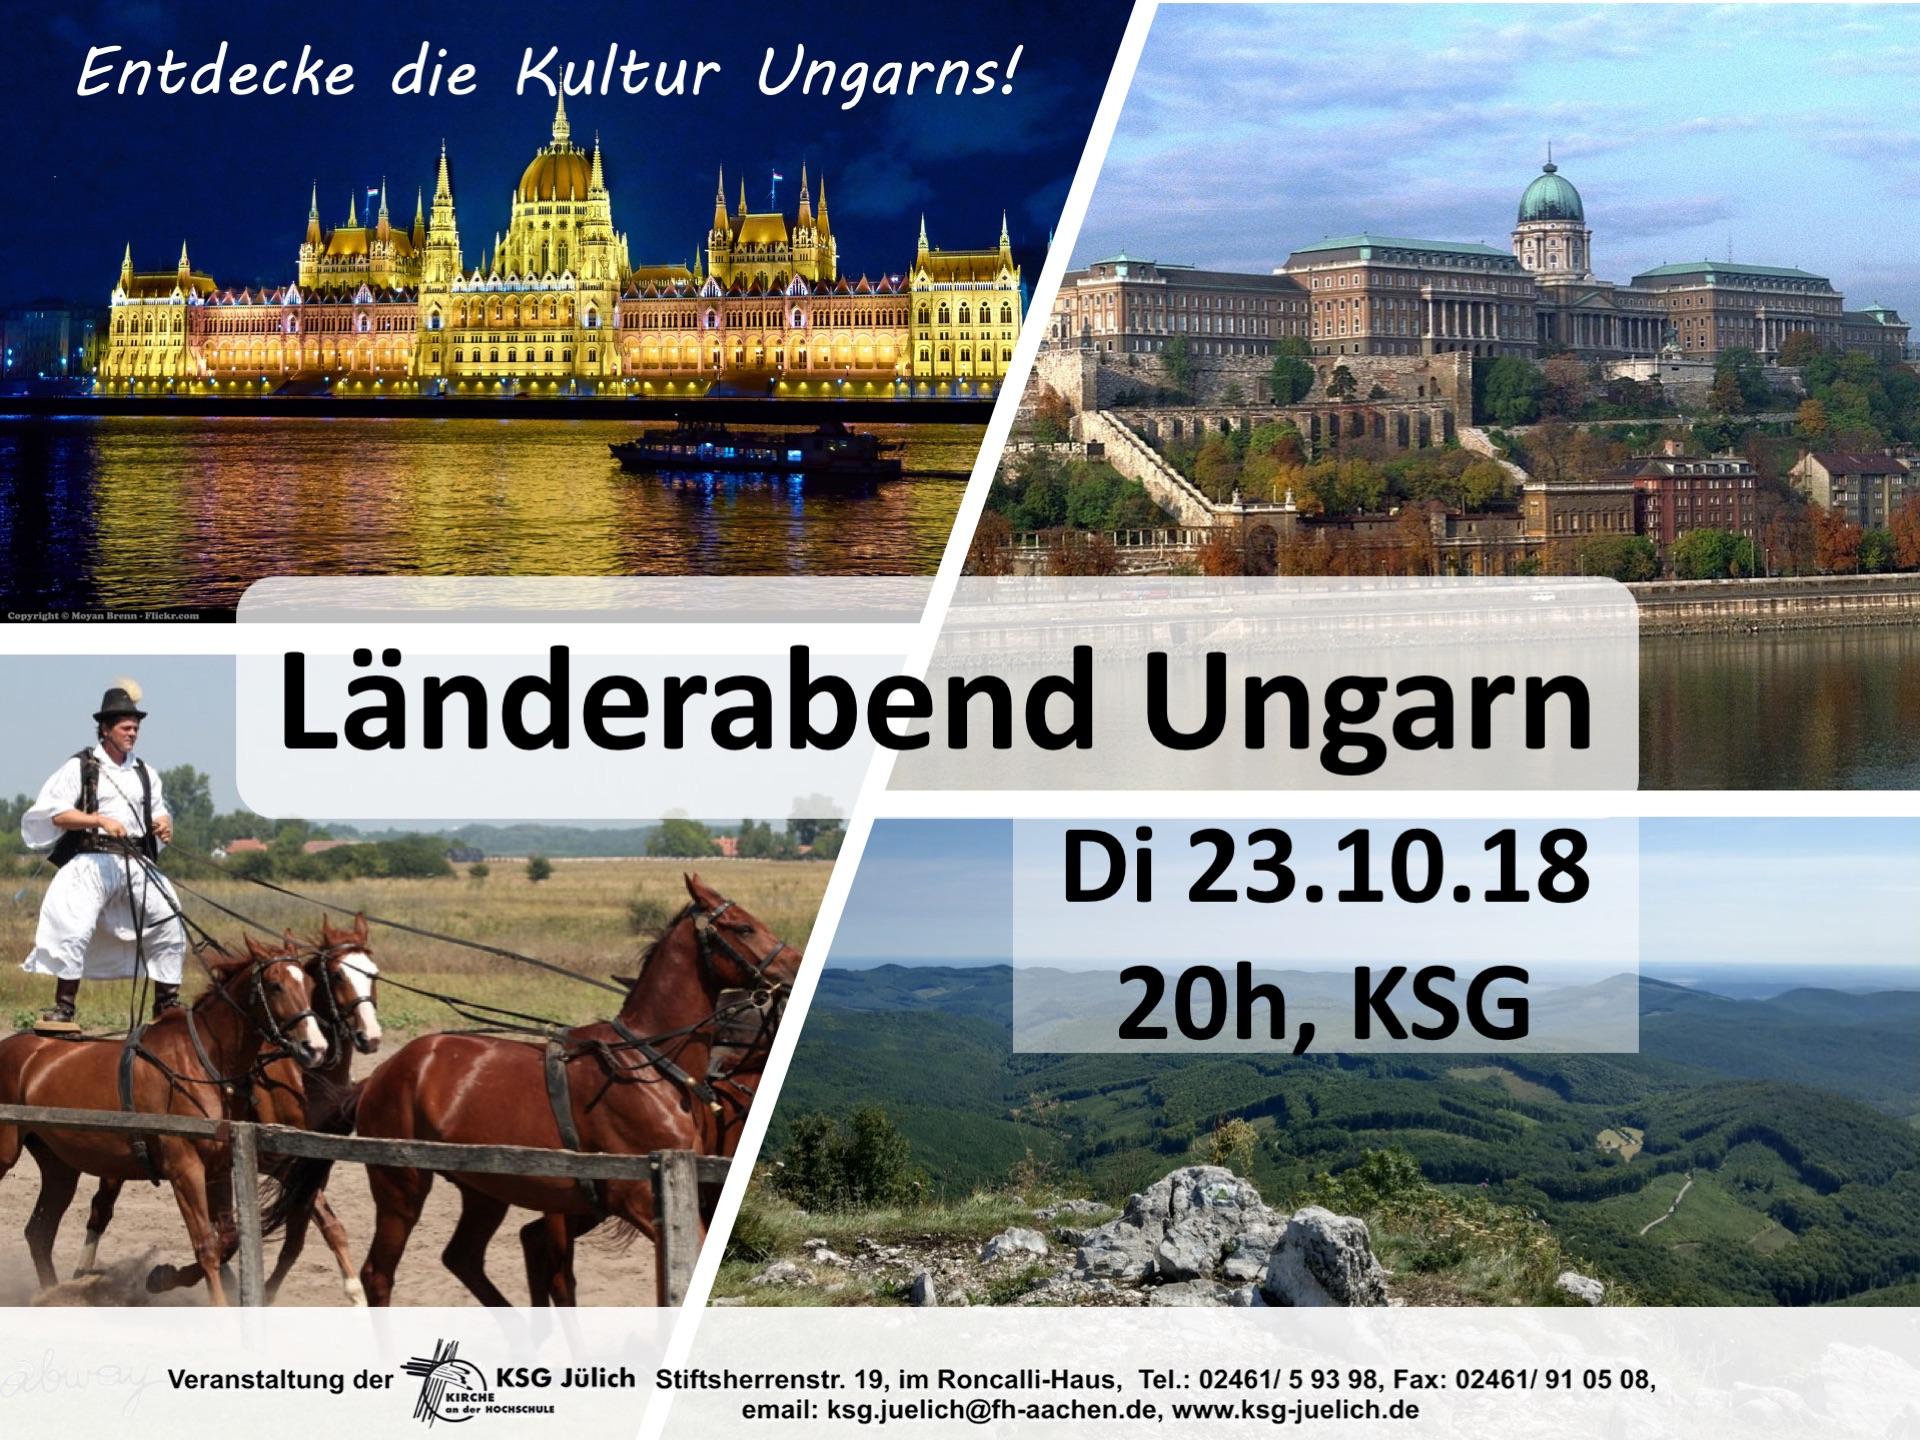 Länderabend Ungarn